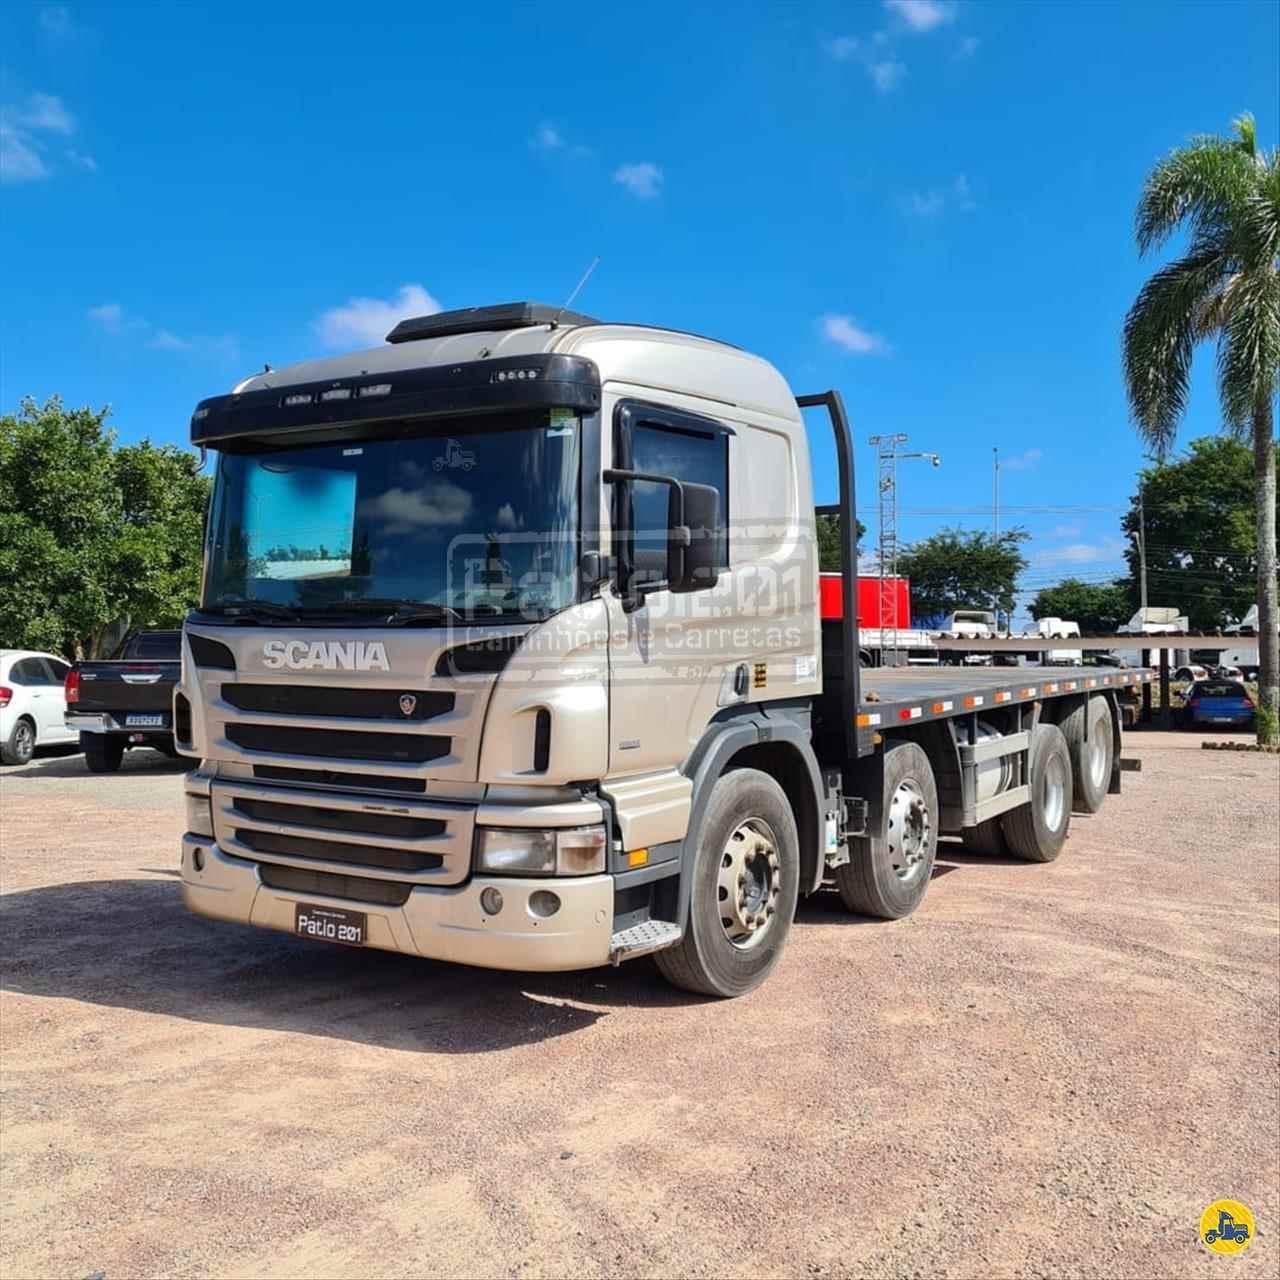 CAMINHAO SCANIA SCANIA 310 Conteiner 20 Pés BiTruck 8x2 Pátio 201 Caminhões e Carretas CURITIBA PARANÁ PR